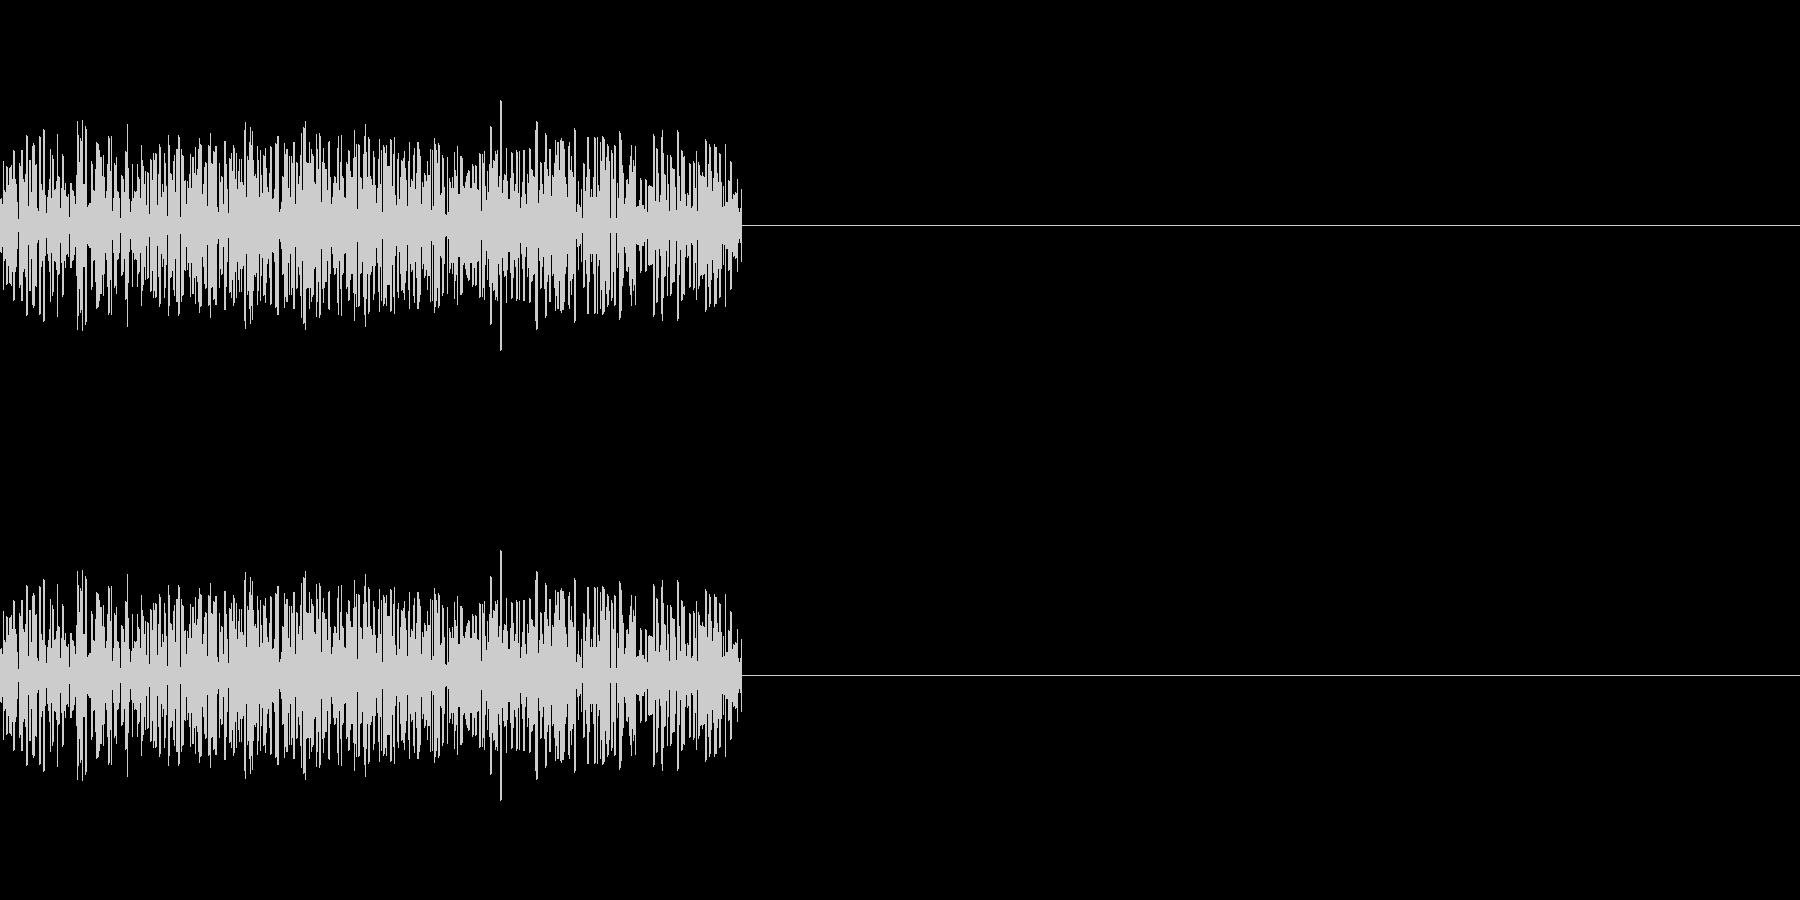 「ザッ」「ジャッ」レトロゲーム風剣の攻撃の未再生の波形